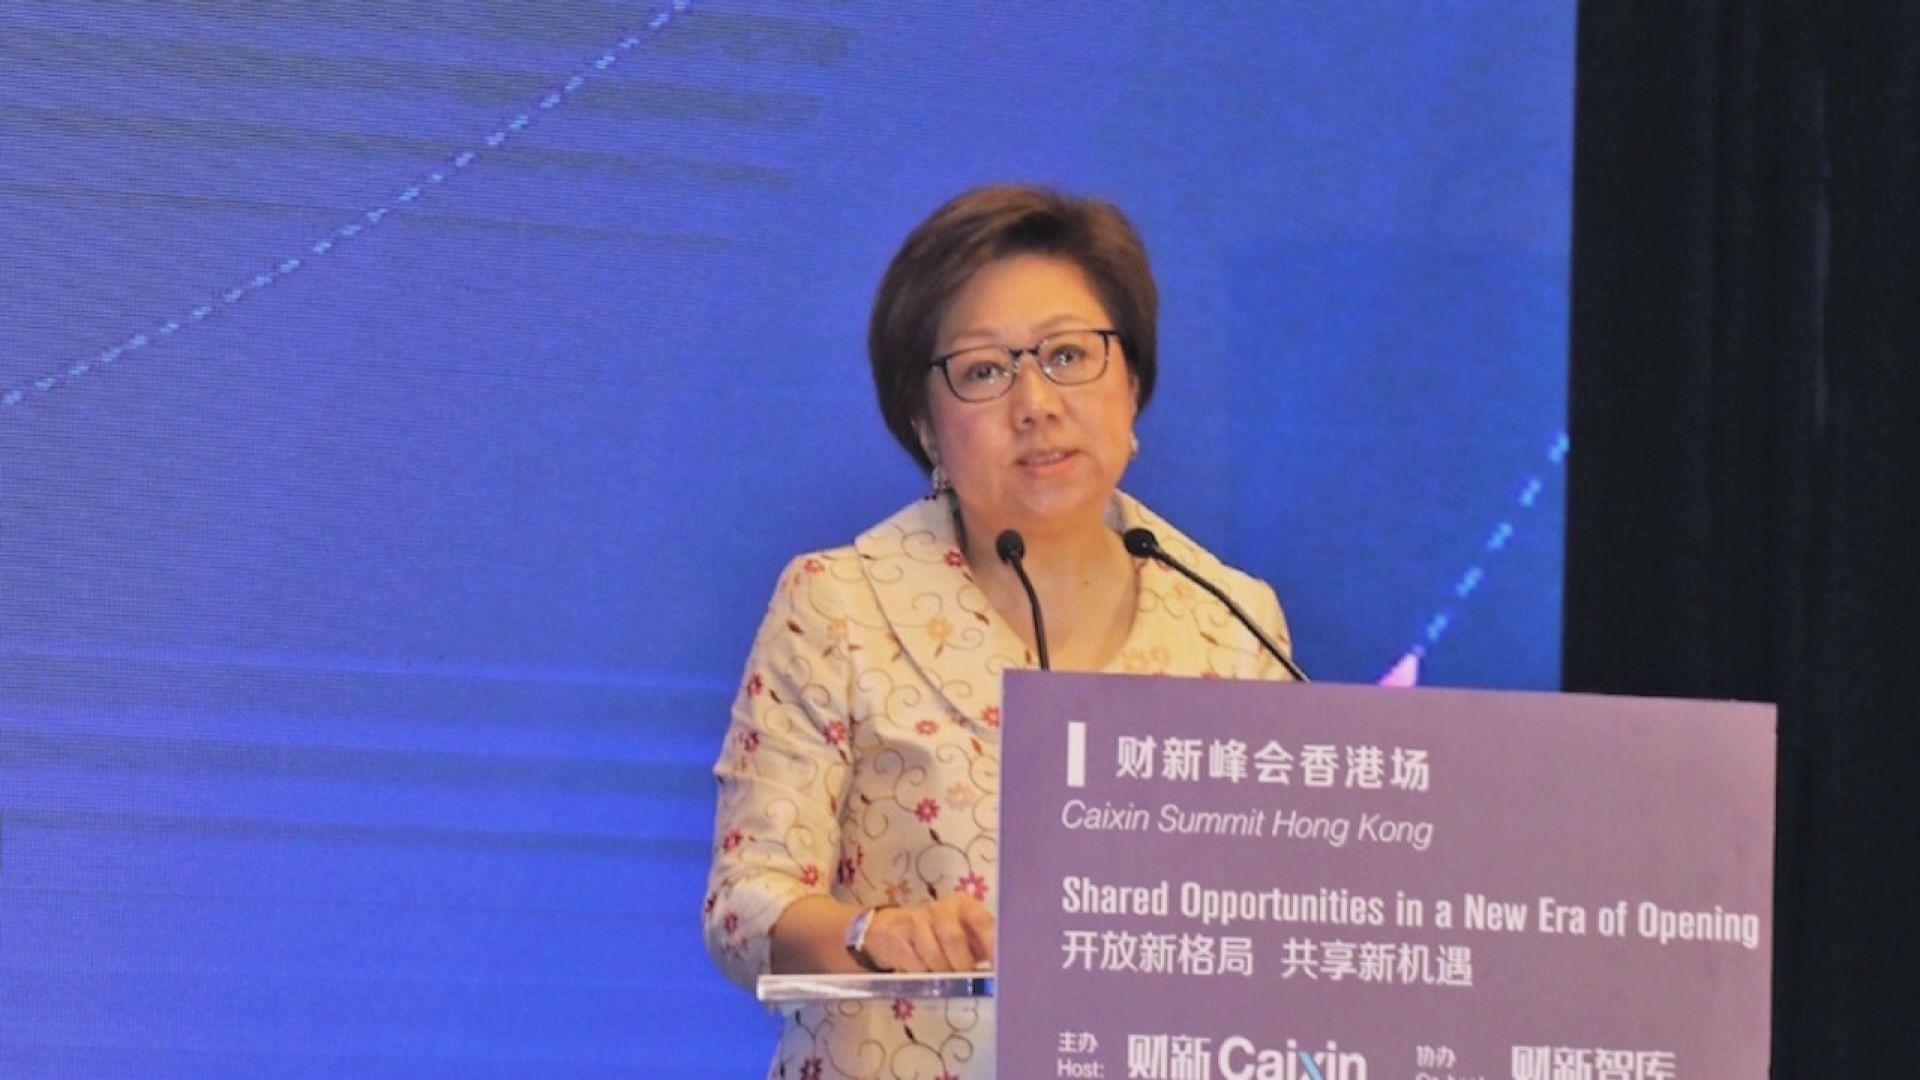 史美倫:見不到香港有顯著資金流走